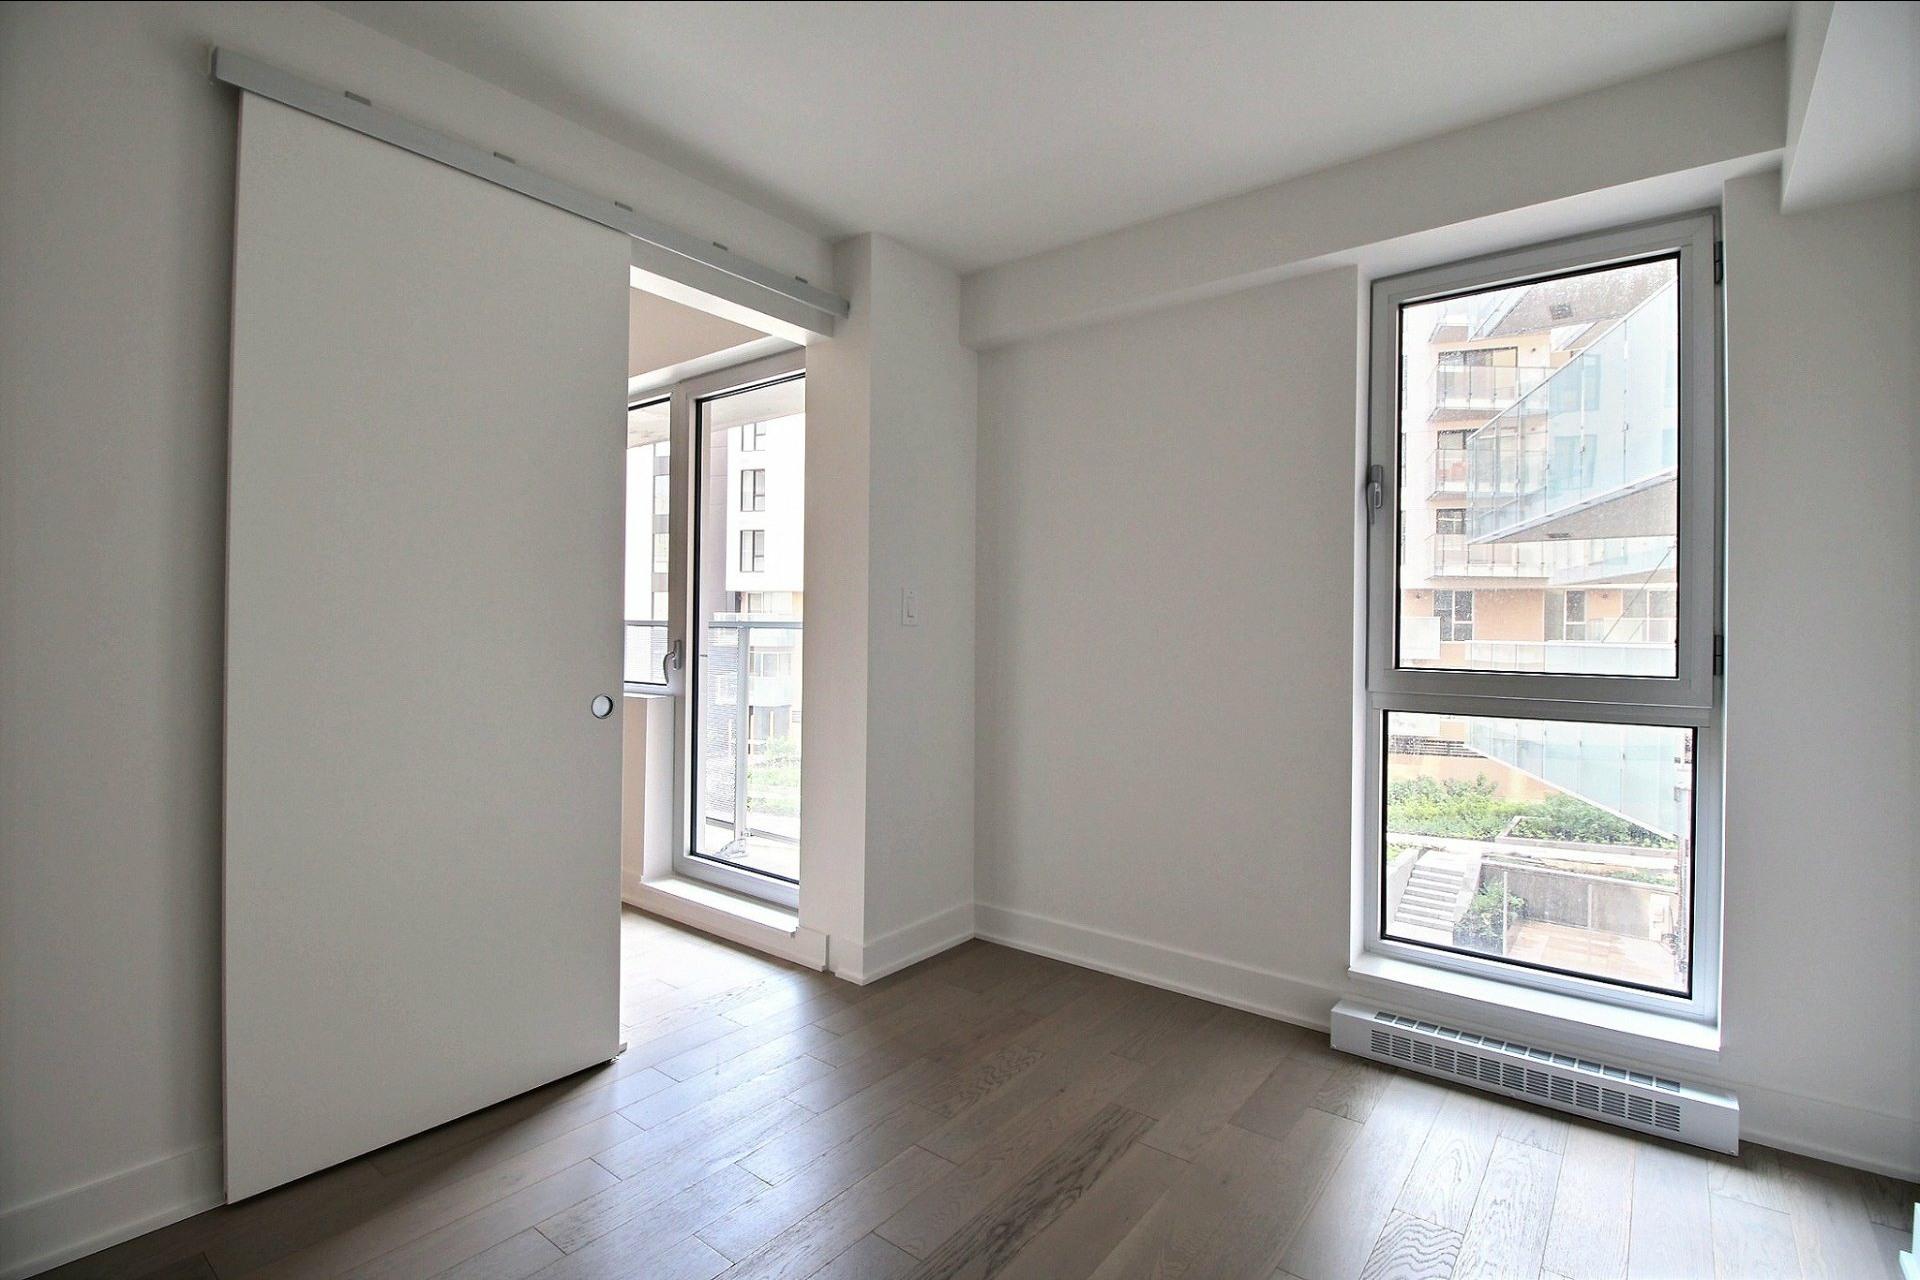 image 7 - Appartement À louer Montréal Le Sud-Ouest  - 4 pièces